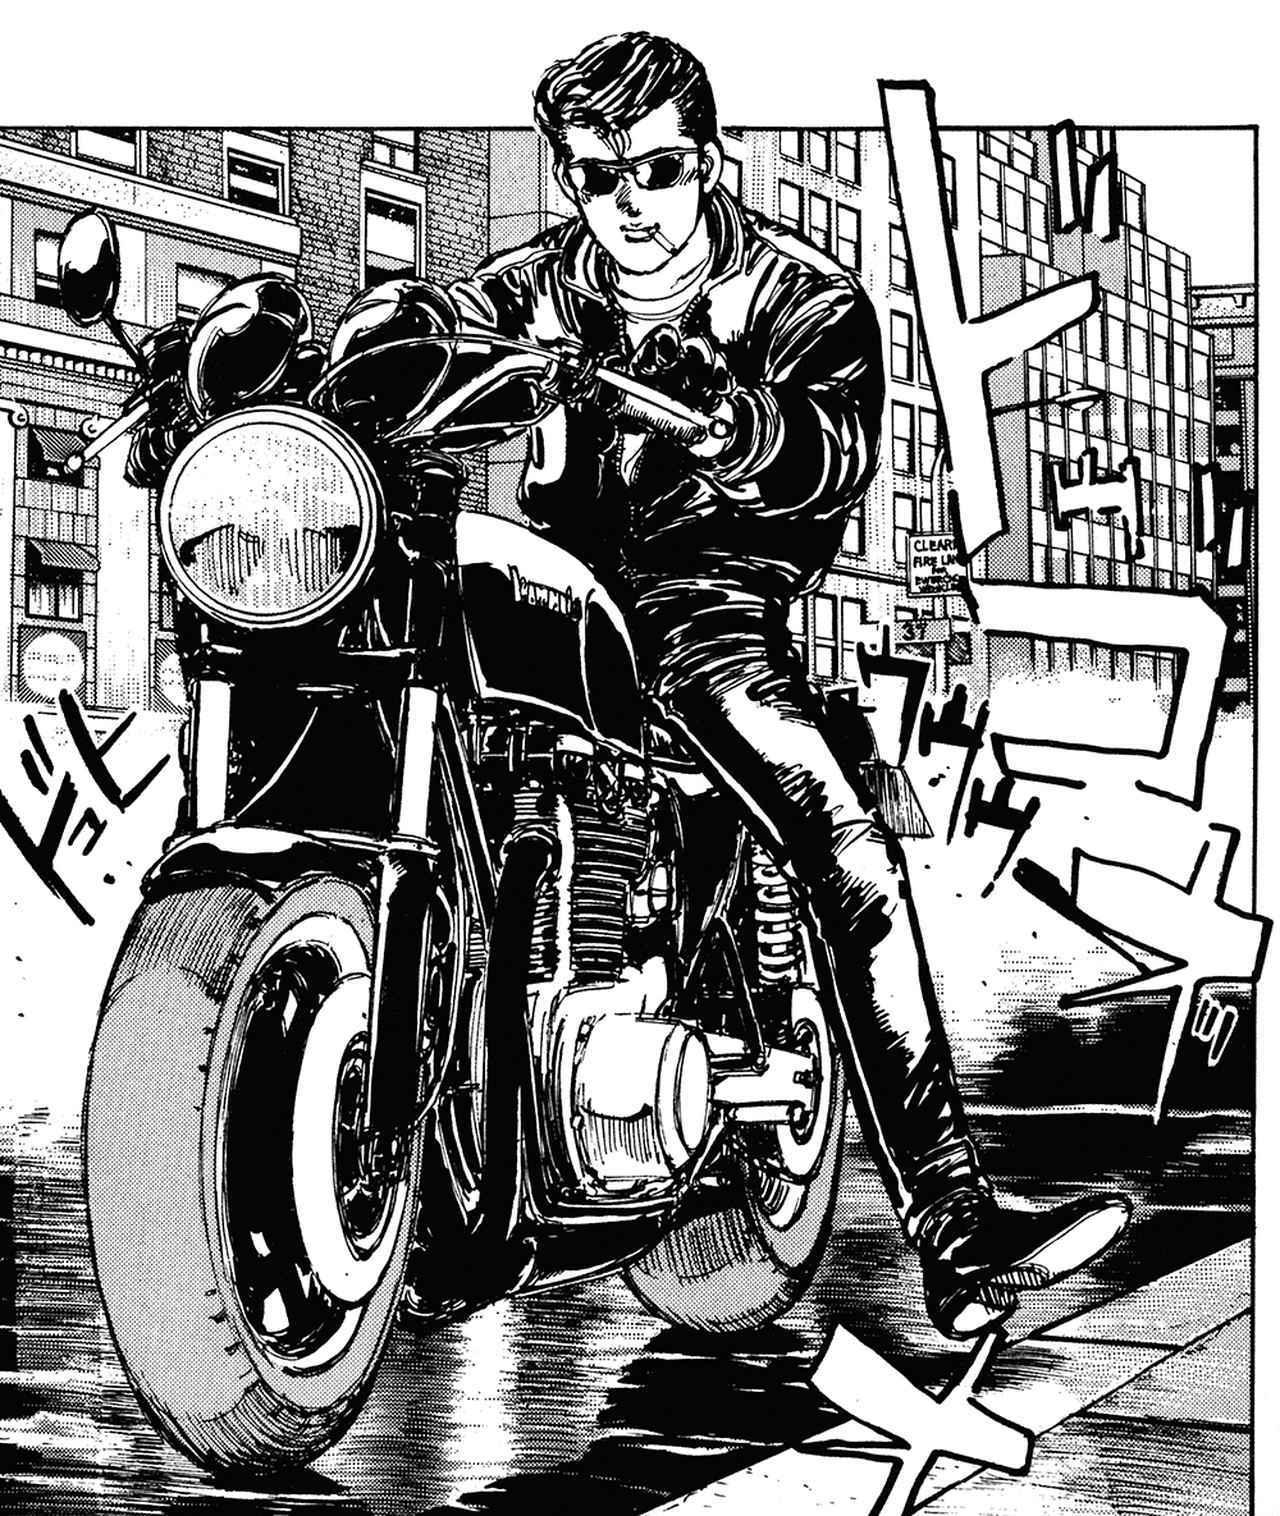 画像: ブルースのカワサキ「Z1000MkⅡ」/『あいつとララバイ』のオートバイを解説! - webオートバイ